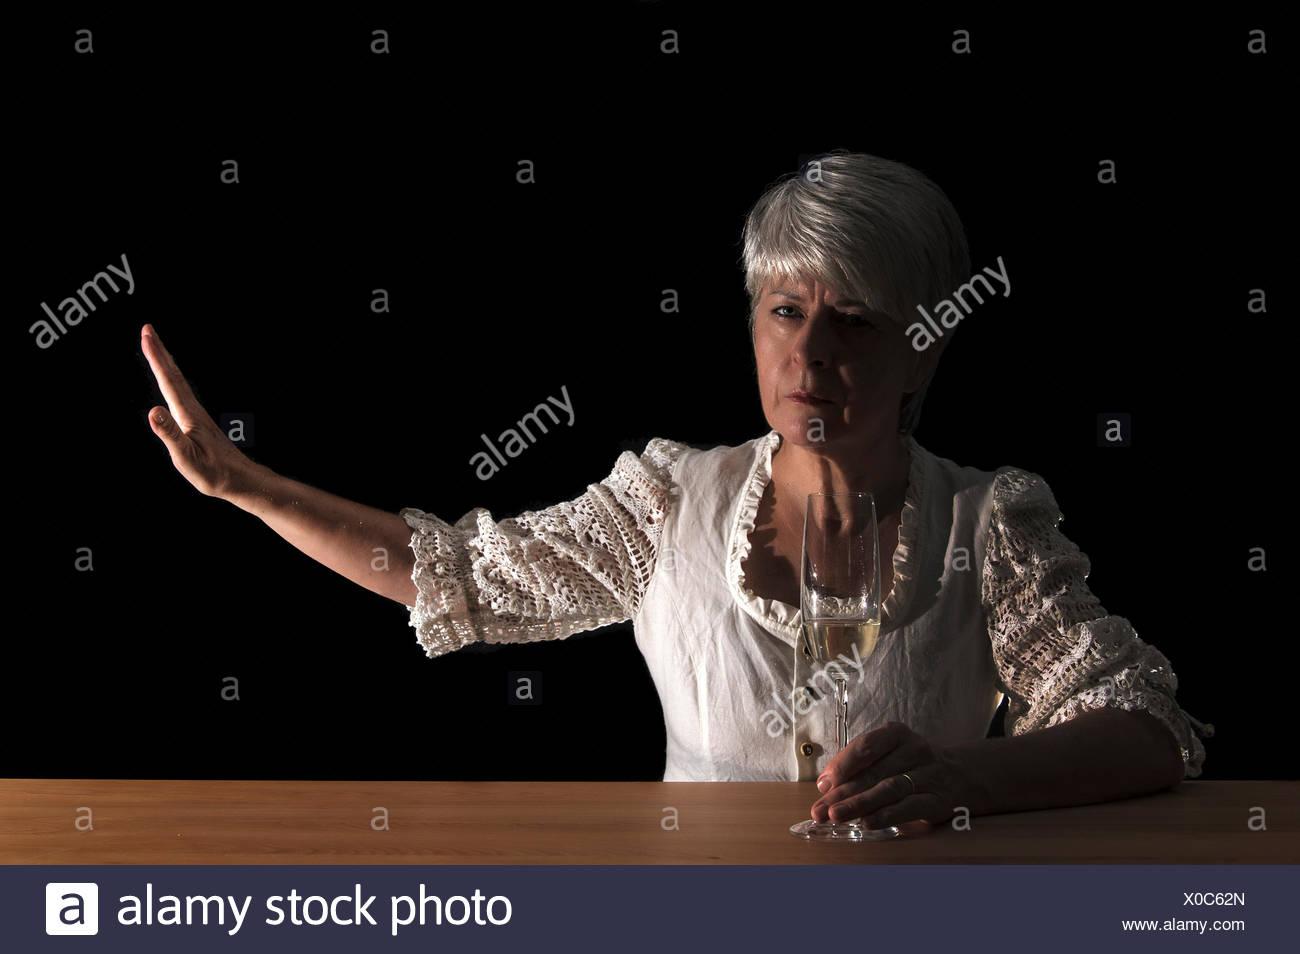 Femme de mauvaise humeur, geste défensif Photo Stock